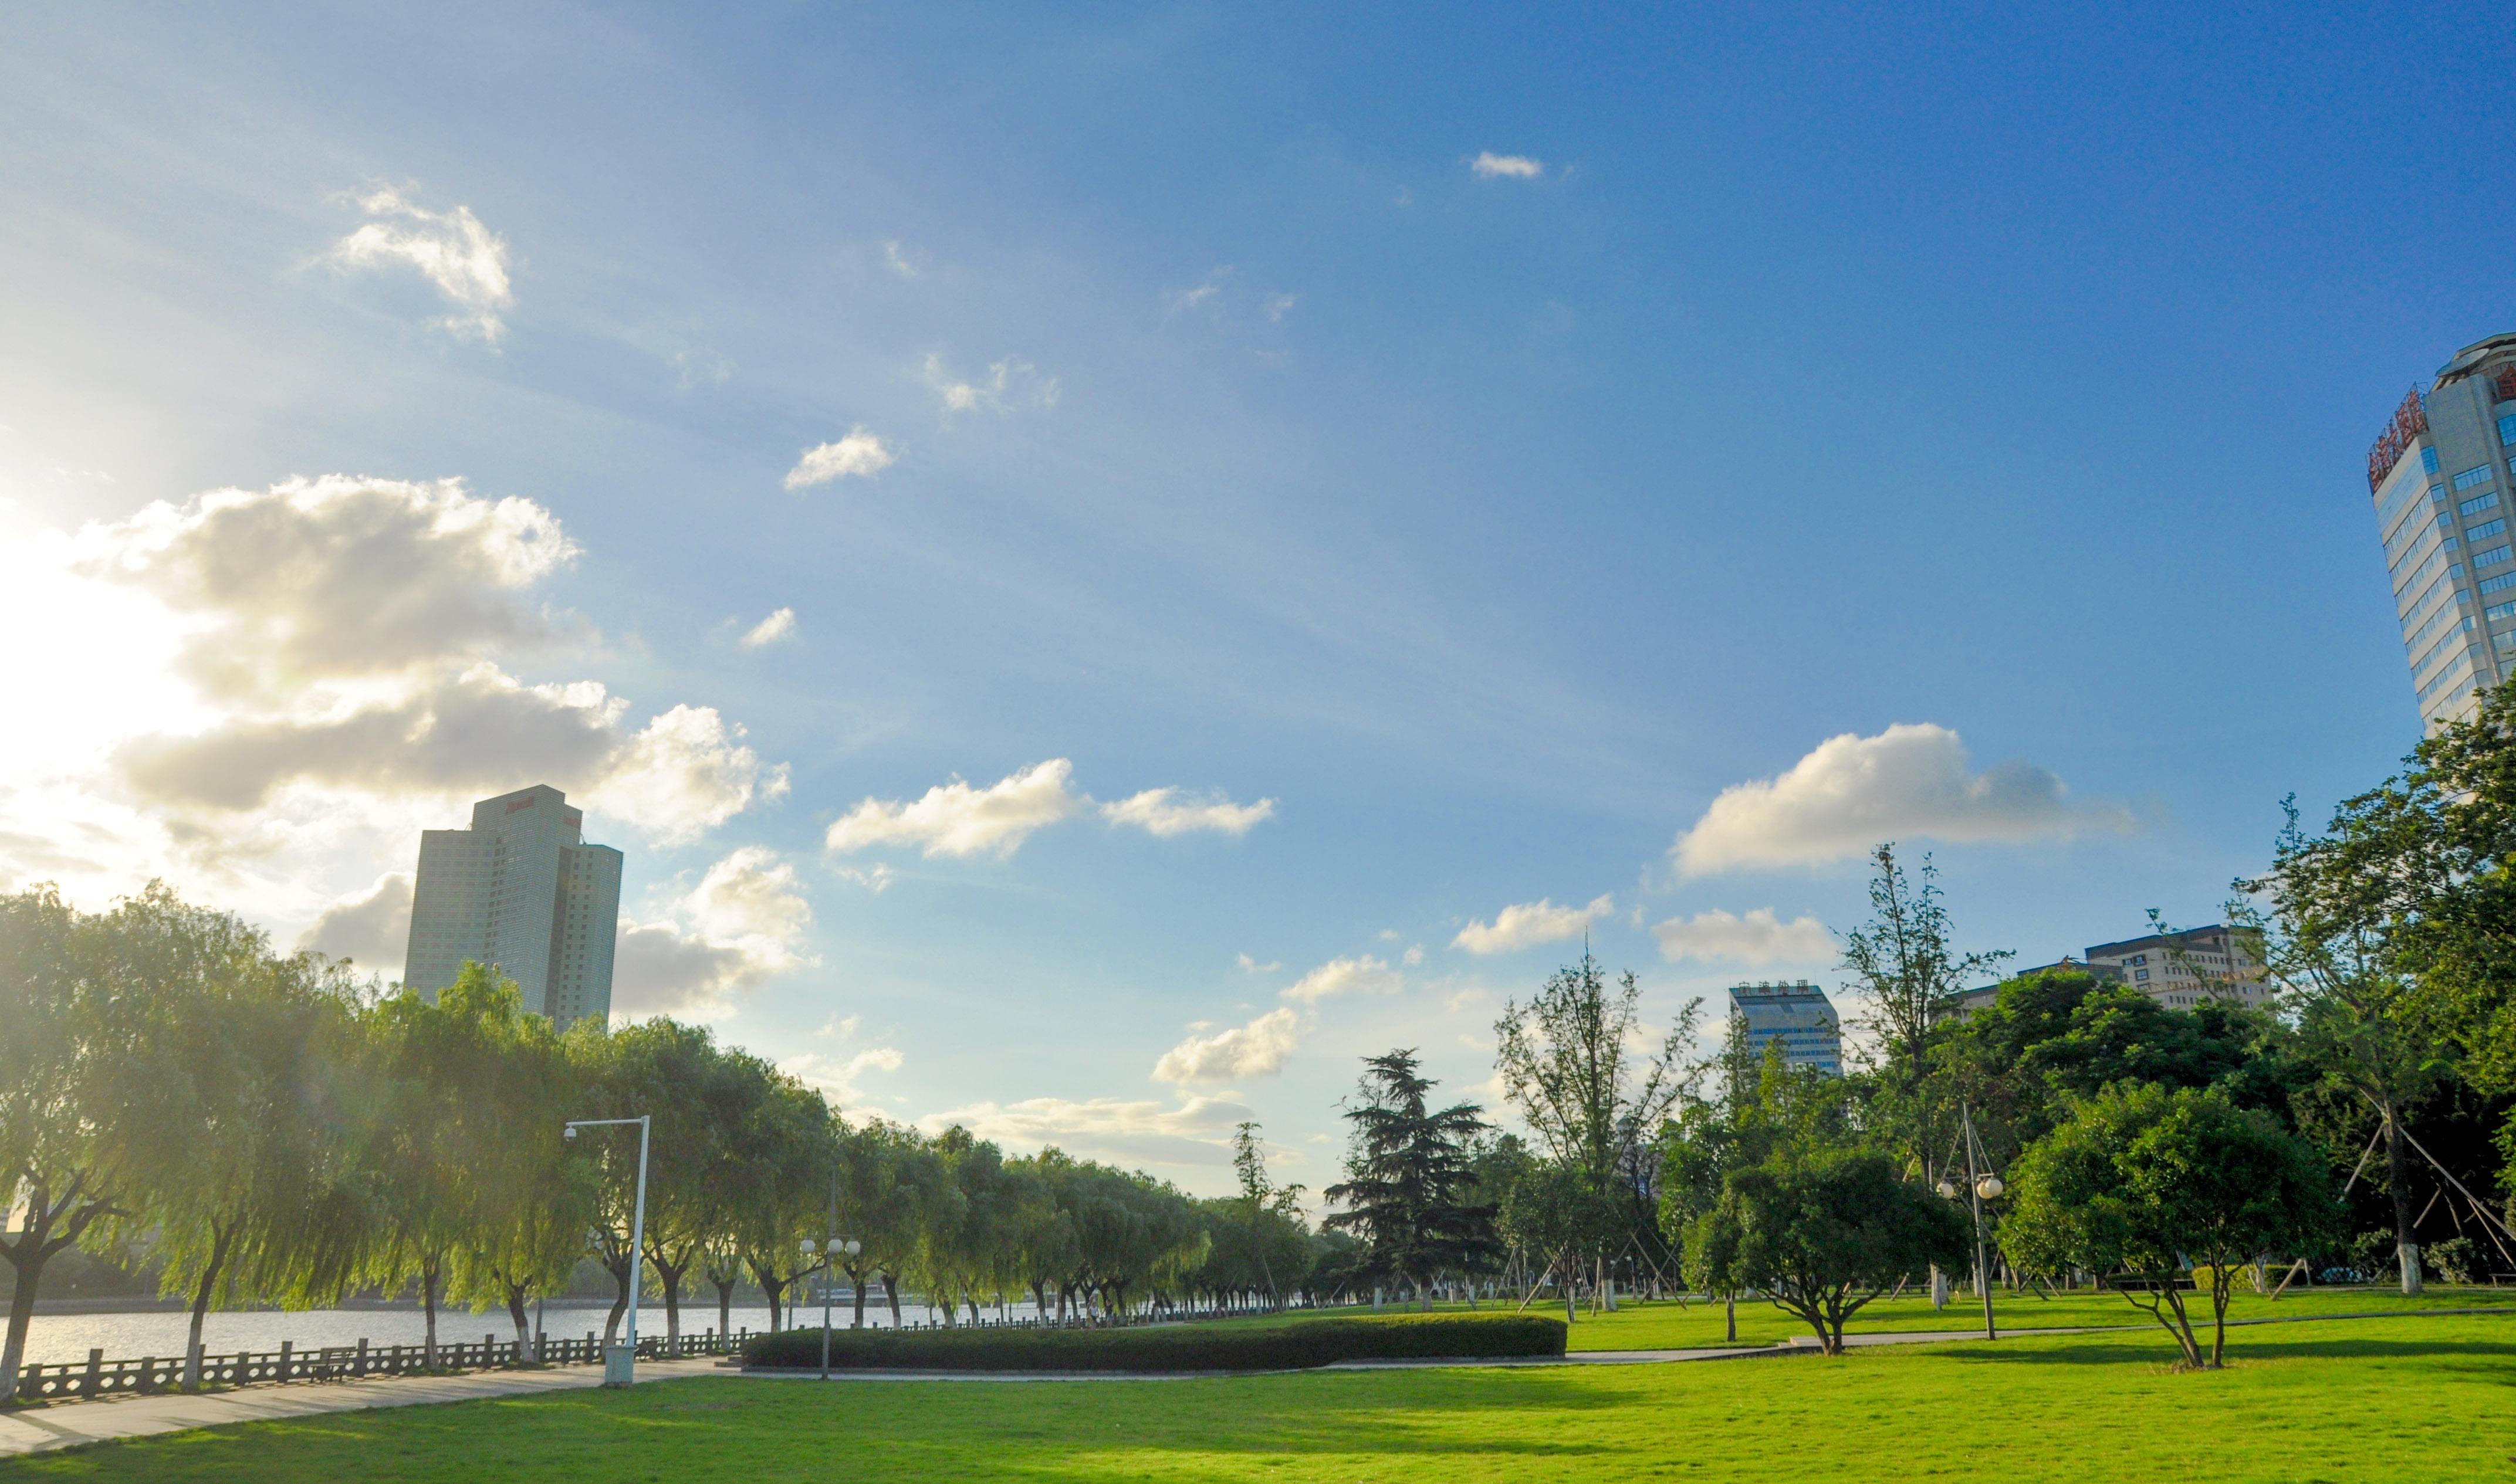 我拍过北京,杭州,宁波等城市